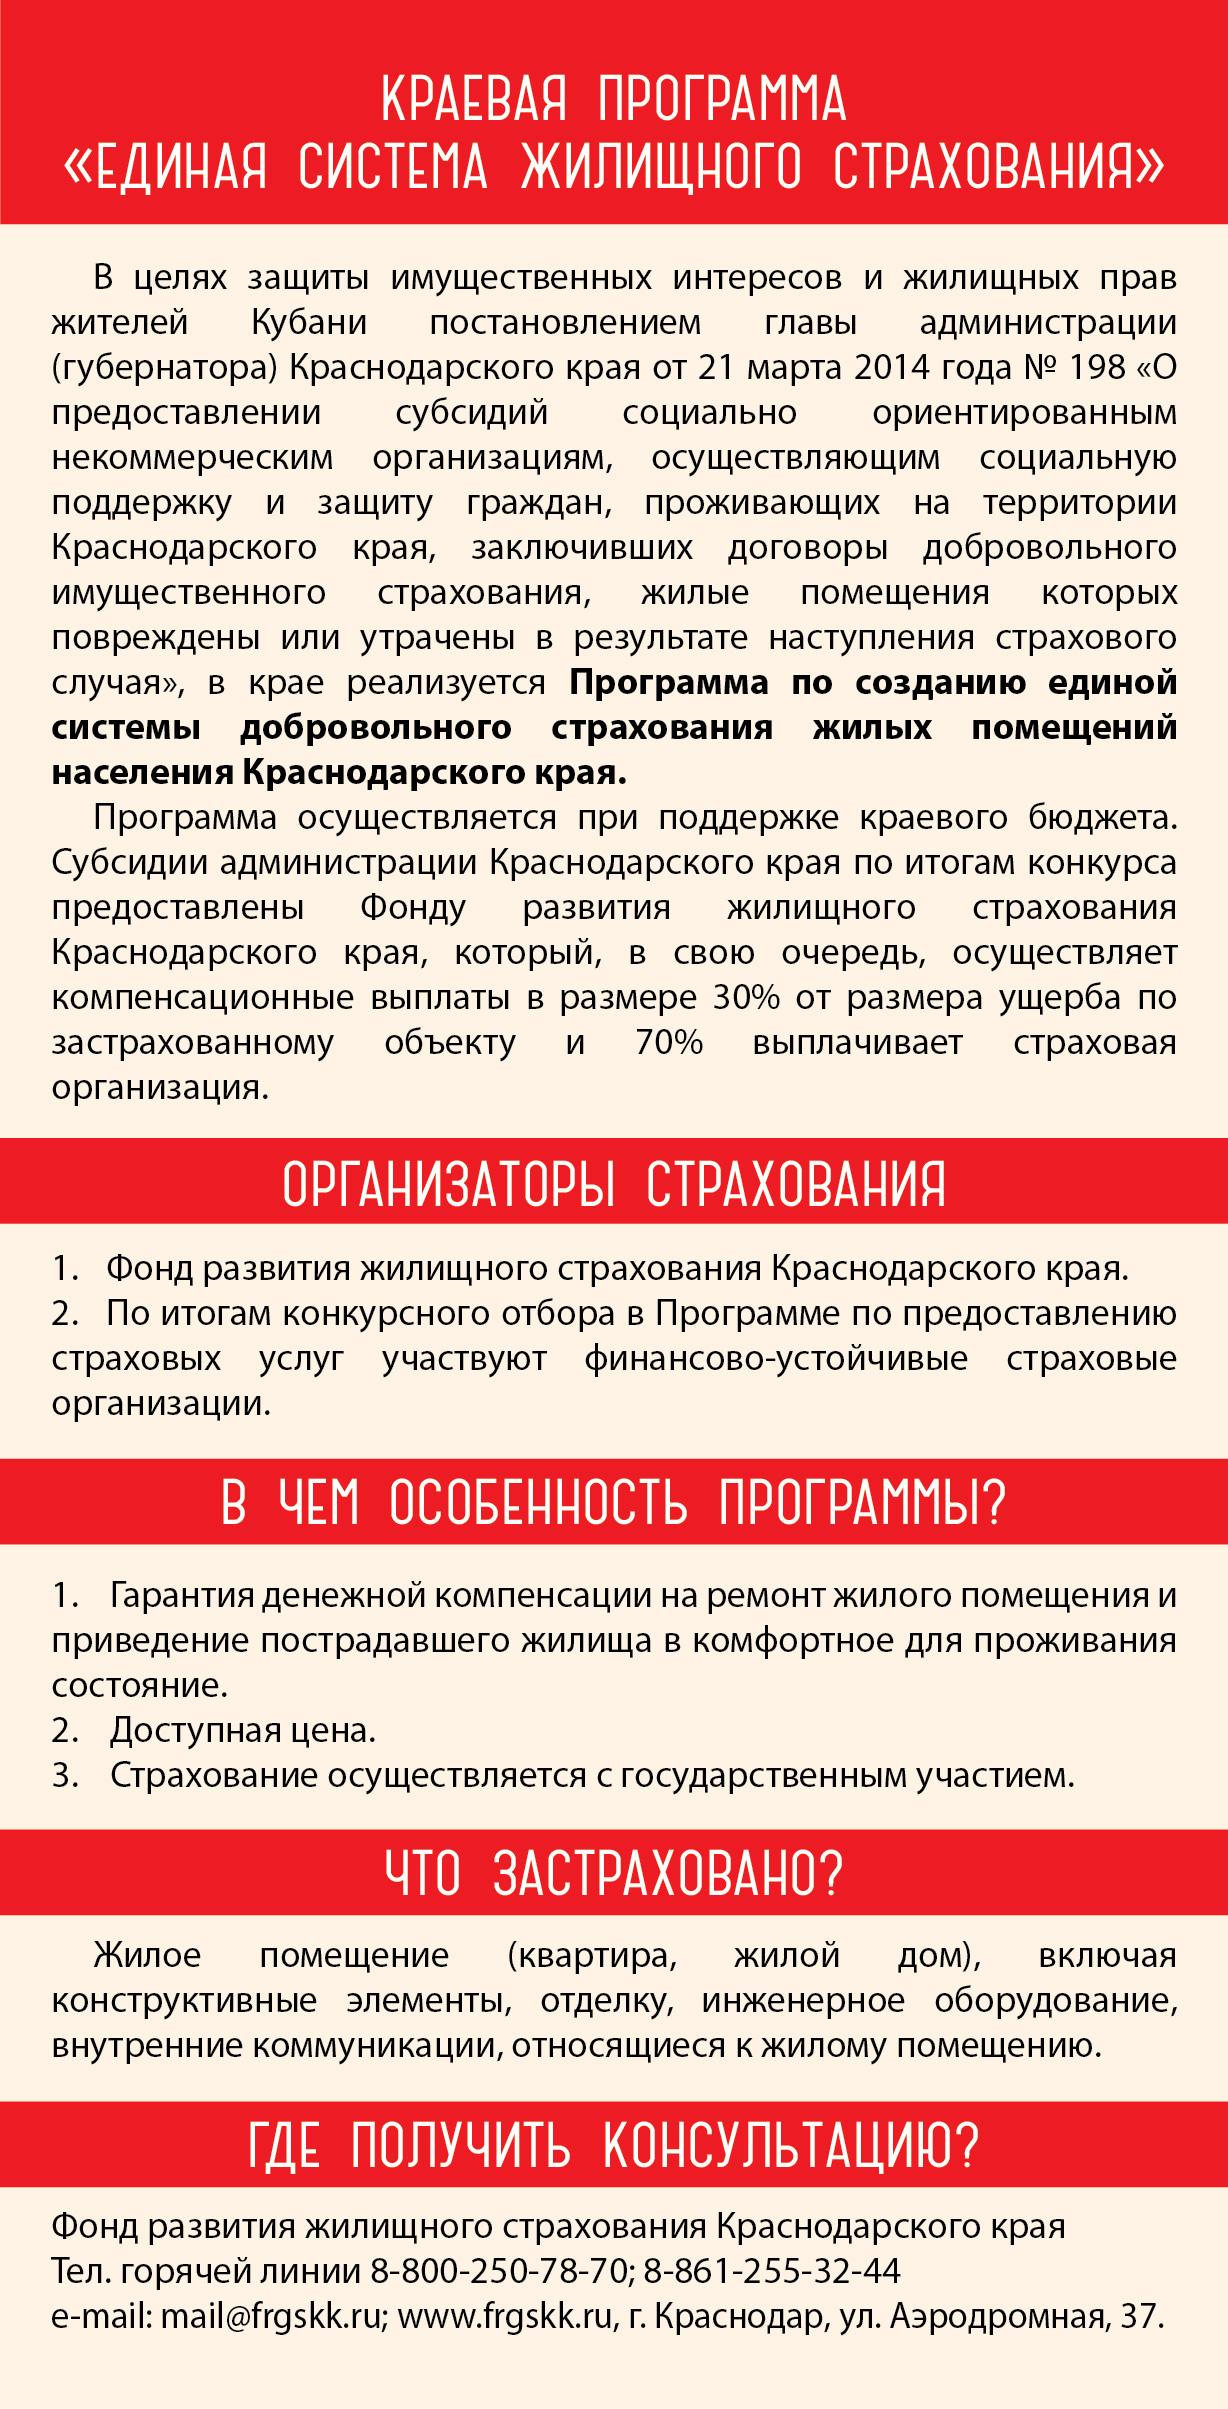 О реализации программы добровольного страхования жилья в  Краснодарском крае